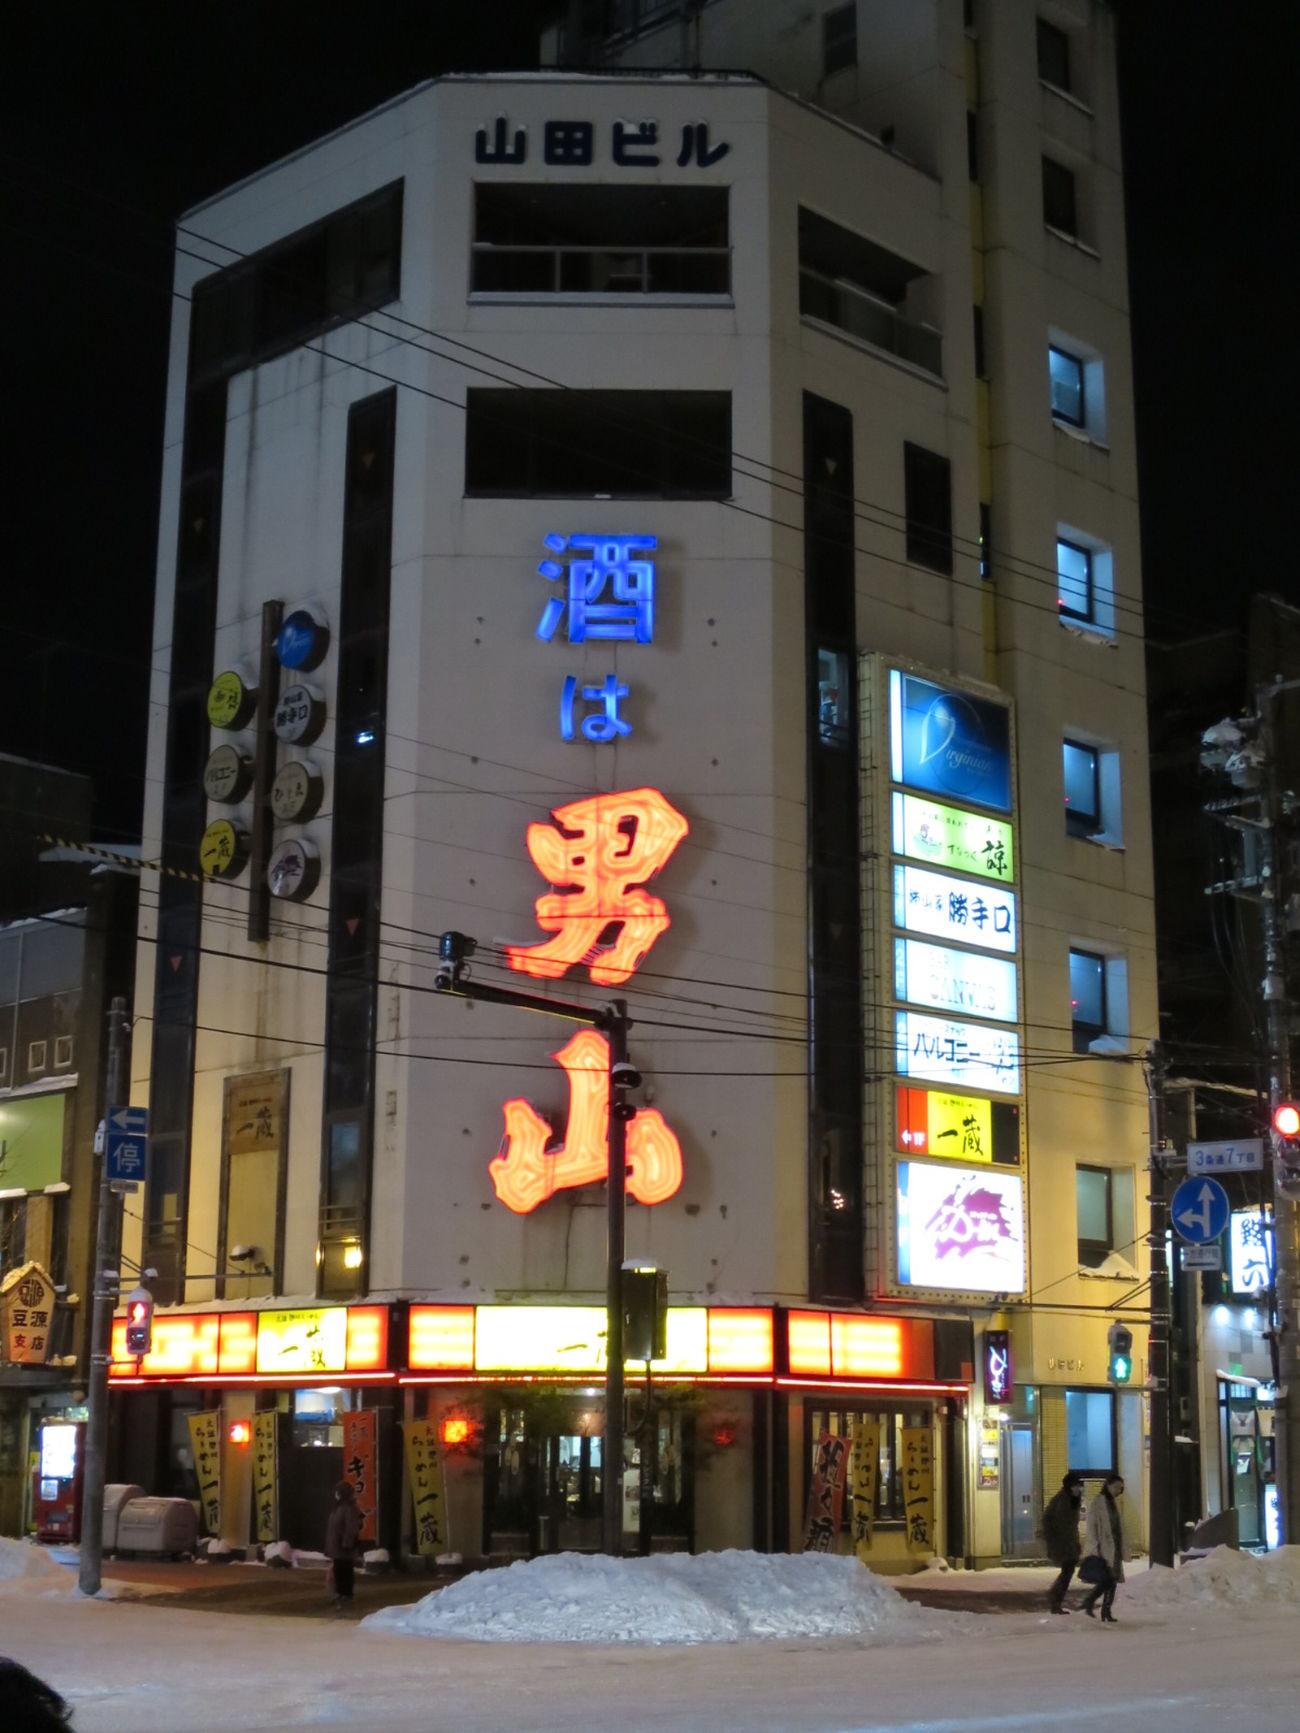 旭川 といえば、この 男山 の電飾ですね。